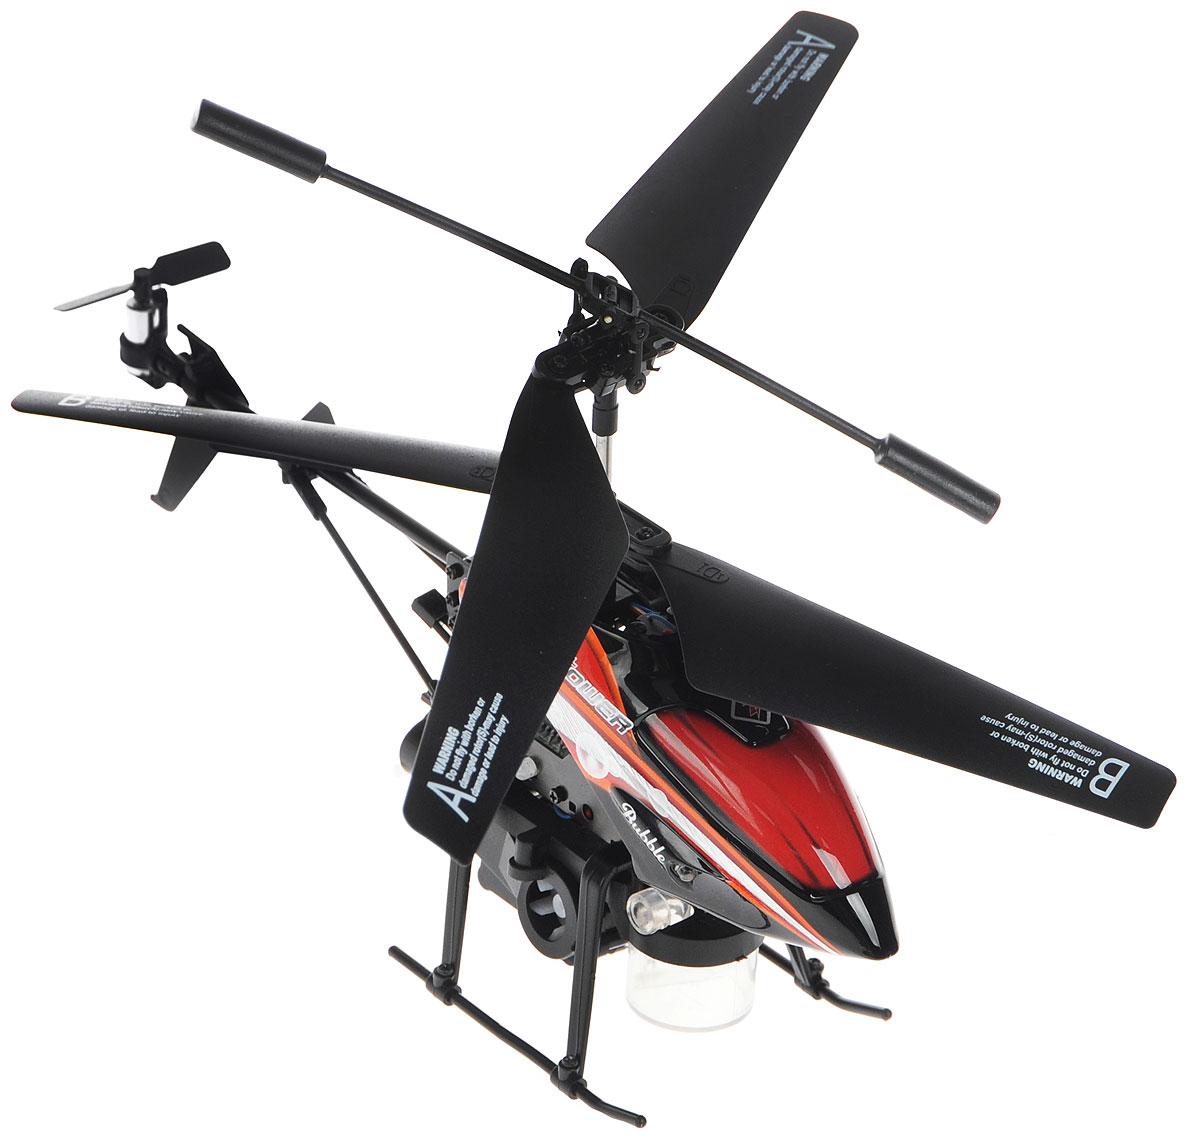 ABtoys Вертолет на инфракрасном управлении Bubble цвет черный красныйC-00107(V757)_черный, красныйВертолет на инфракрасном управлении ABtoys Bubble на инфракрасном управлении со встроенным гироскопом и 3,5-канальной системой управления. Особенности: Вертолет оборудован устройством для запуска мыльных пузырей. Запуск пузырей осуществляется с помощью специальной кнопки на пульте. В комплекте имеется флакон с мыльным раствором, а также специальная пипетка и воронка для заправки емкости вертолета. С пульта управления вертолетом можно включить или выключить курсовой прожектор. Встроенный гироскоп, обеспечивающий устойчивость вертолета в полете, функция зависания в воздухе, пропорциональный триммер для выравнивания полета делают этот вертолет идеальным для игры как внутри помещения, так и на улице. Вертолет может двигаться во всех направлениях. Имеются световые эффекты. Сделайте своему ребенку такой замечательный подарок! Вертолет работает от встроенного аккумулятора (заряжается от пульта управления и через USB кабель). Для работы вертолета необходимо купить 6...